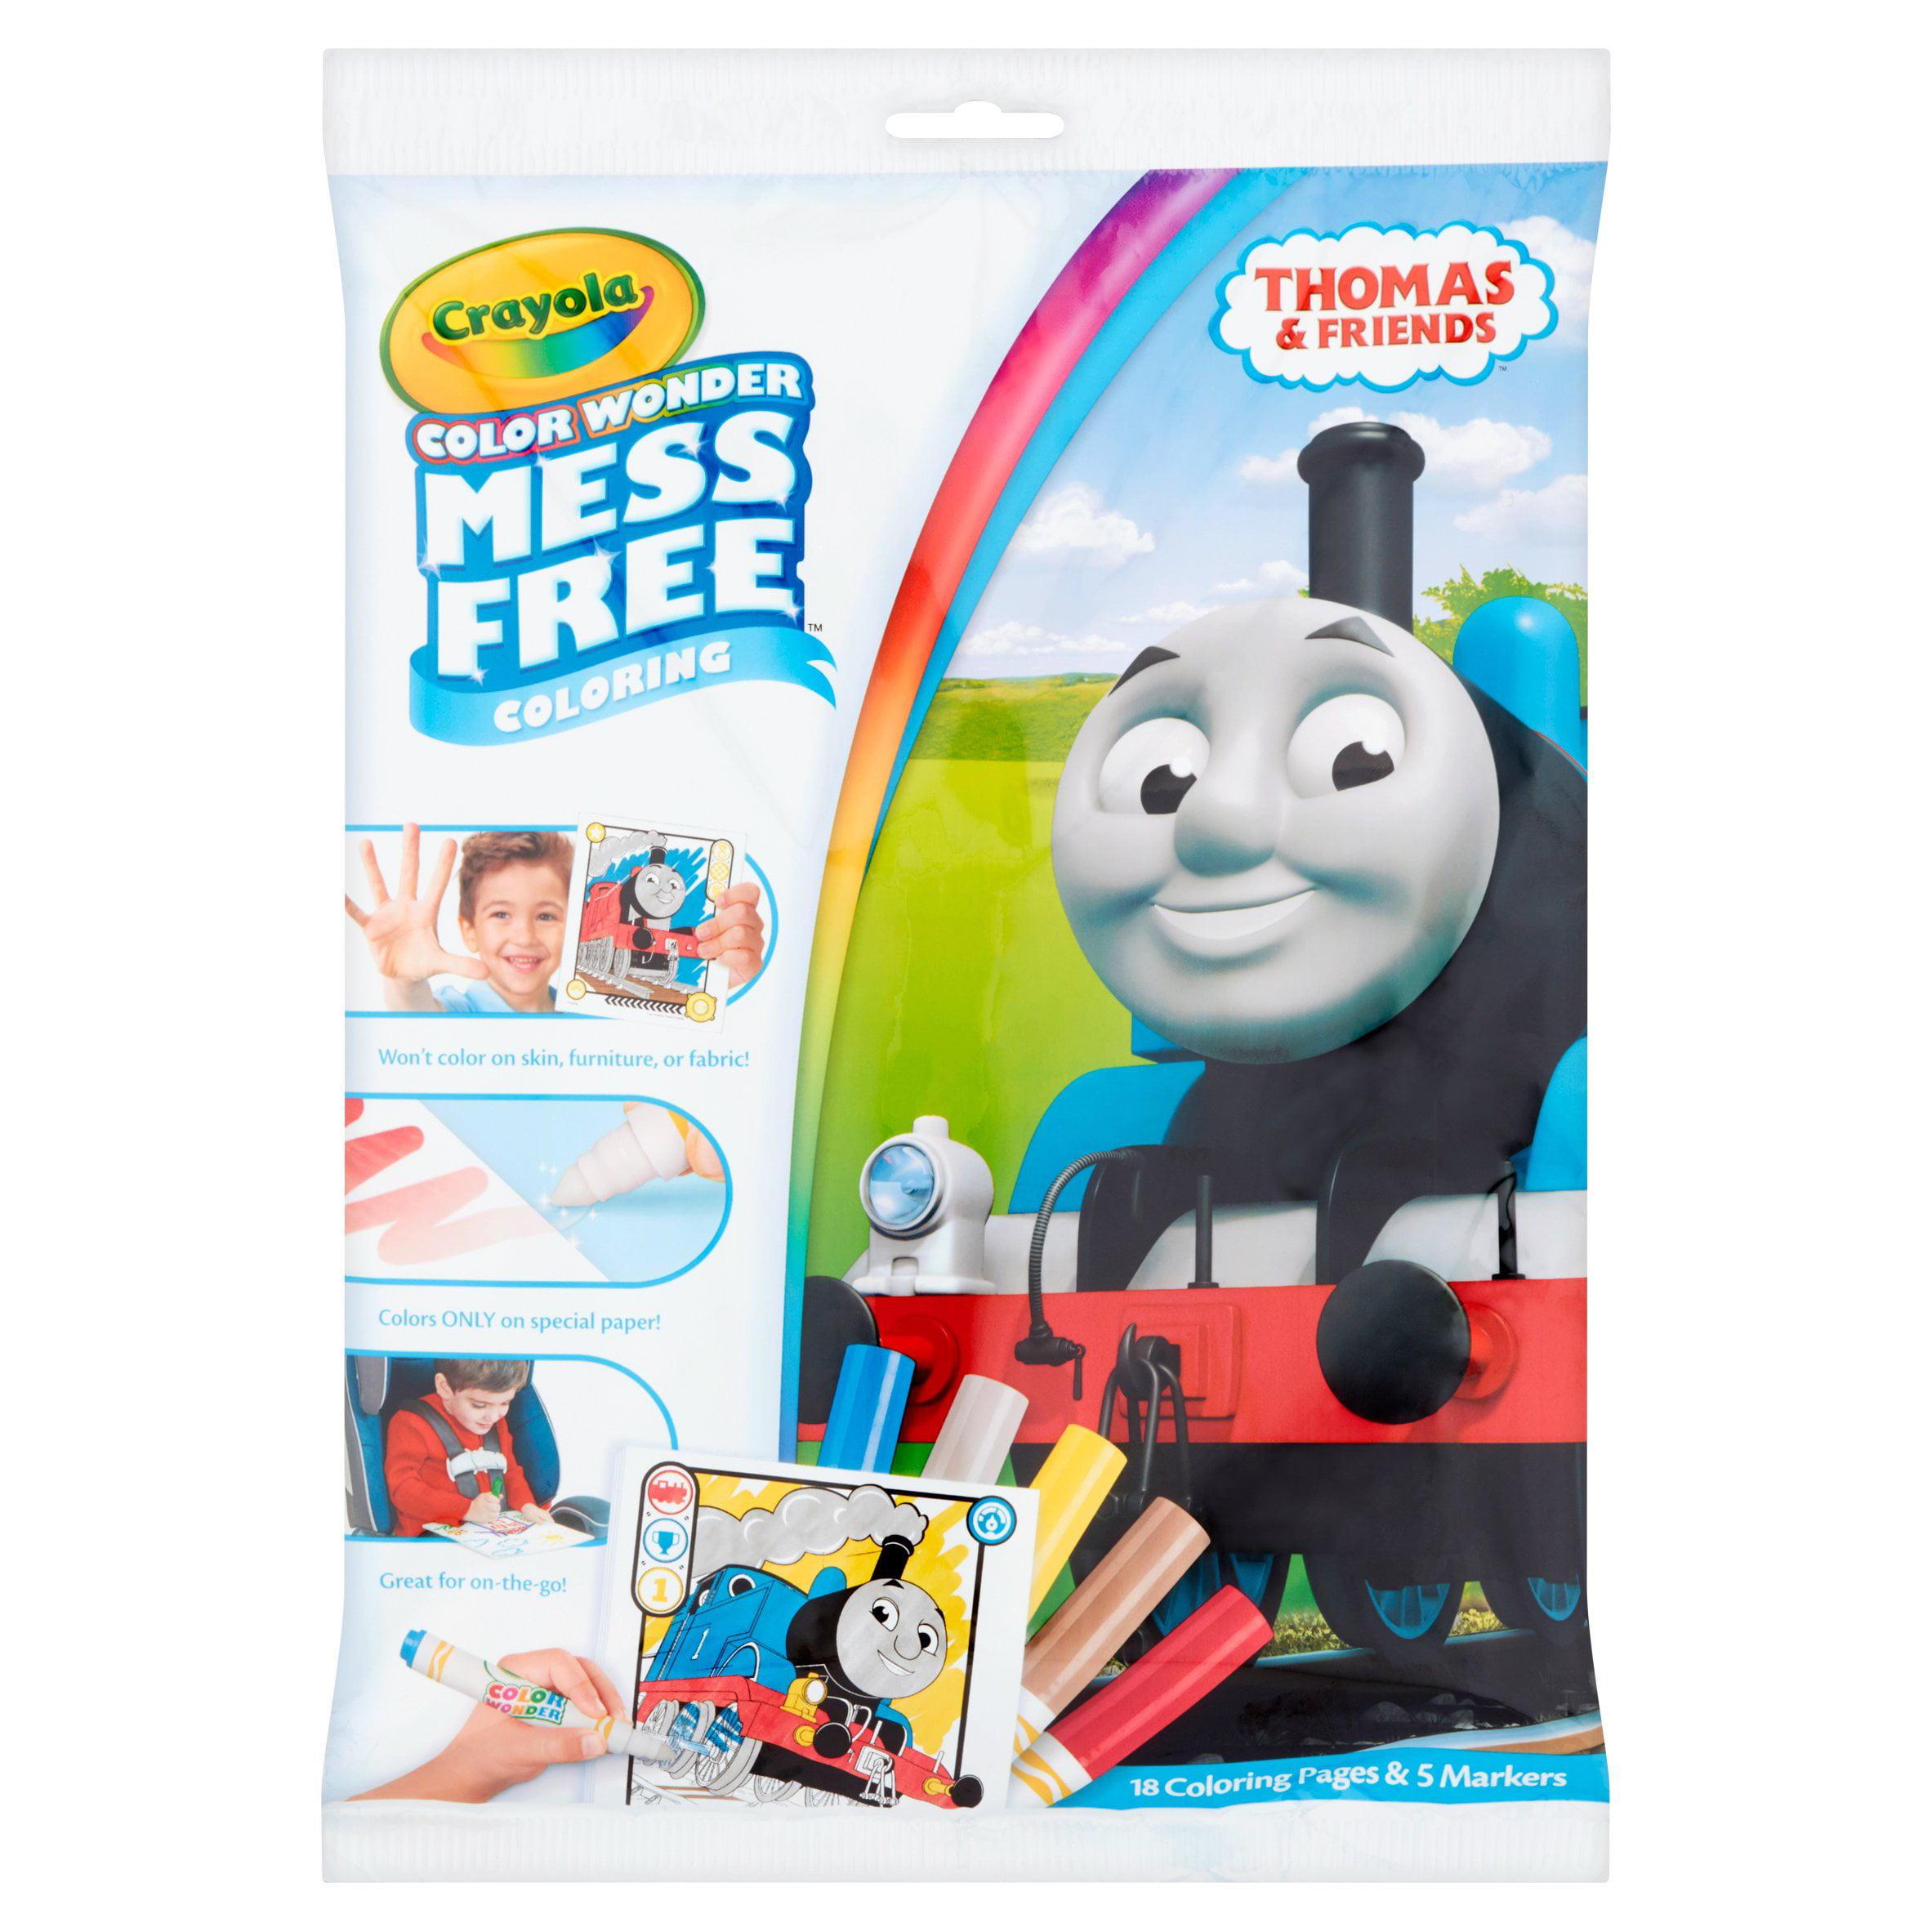 Free online coloring crayola - Crayola Color Wonder Coloring Book Set Thomas The Train